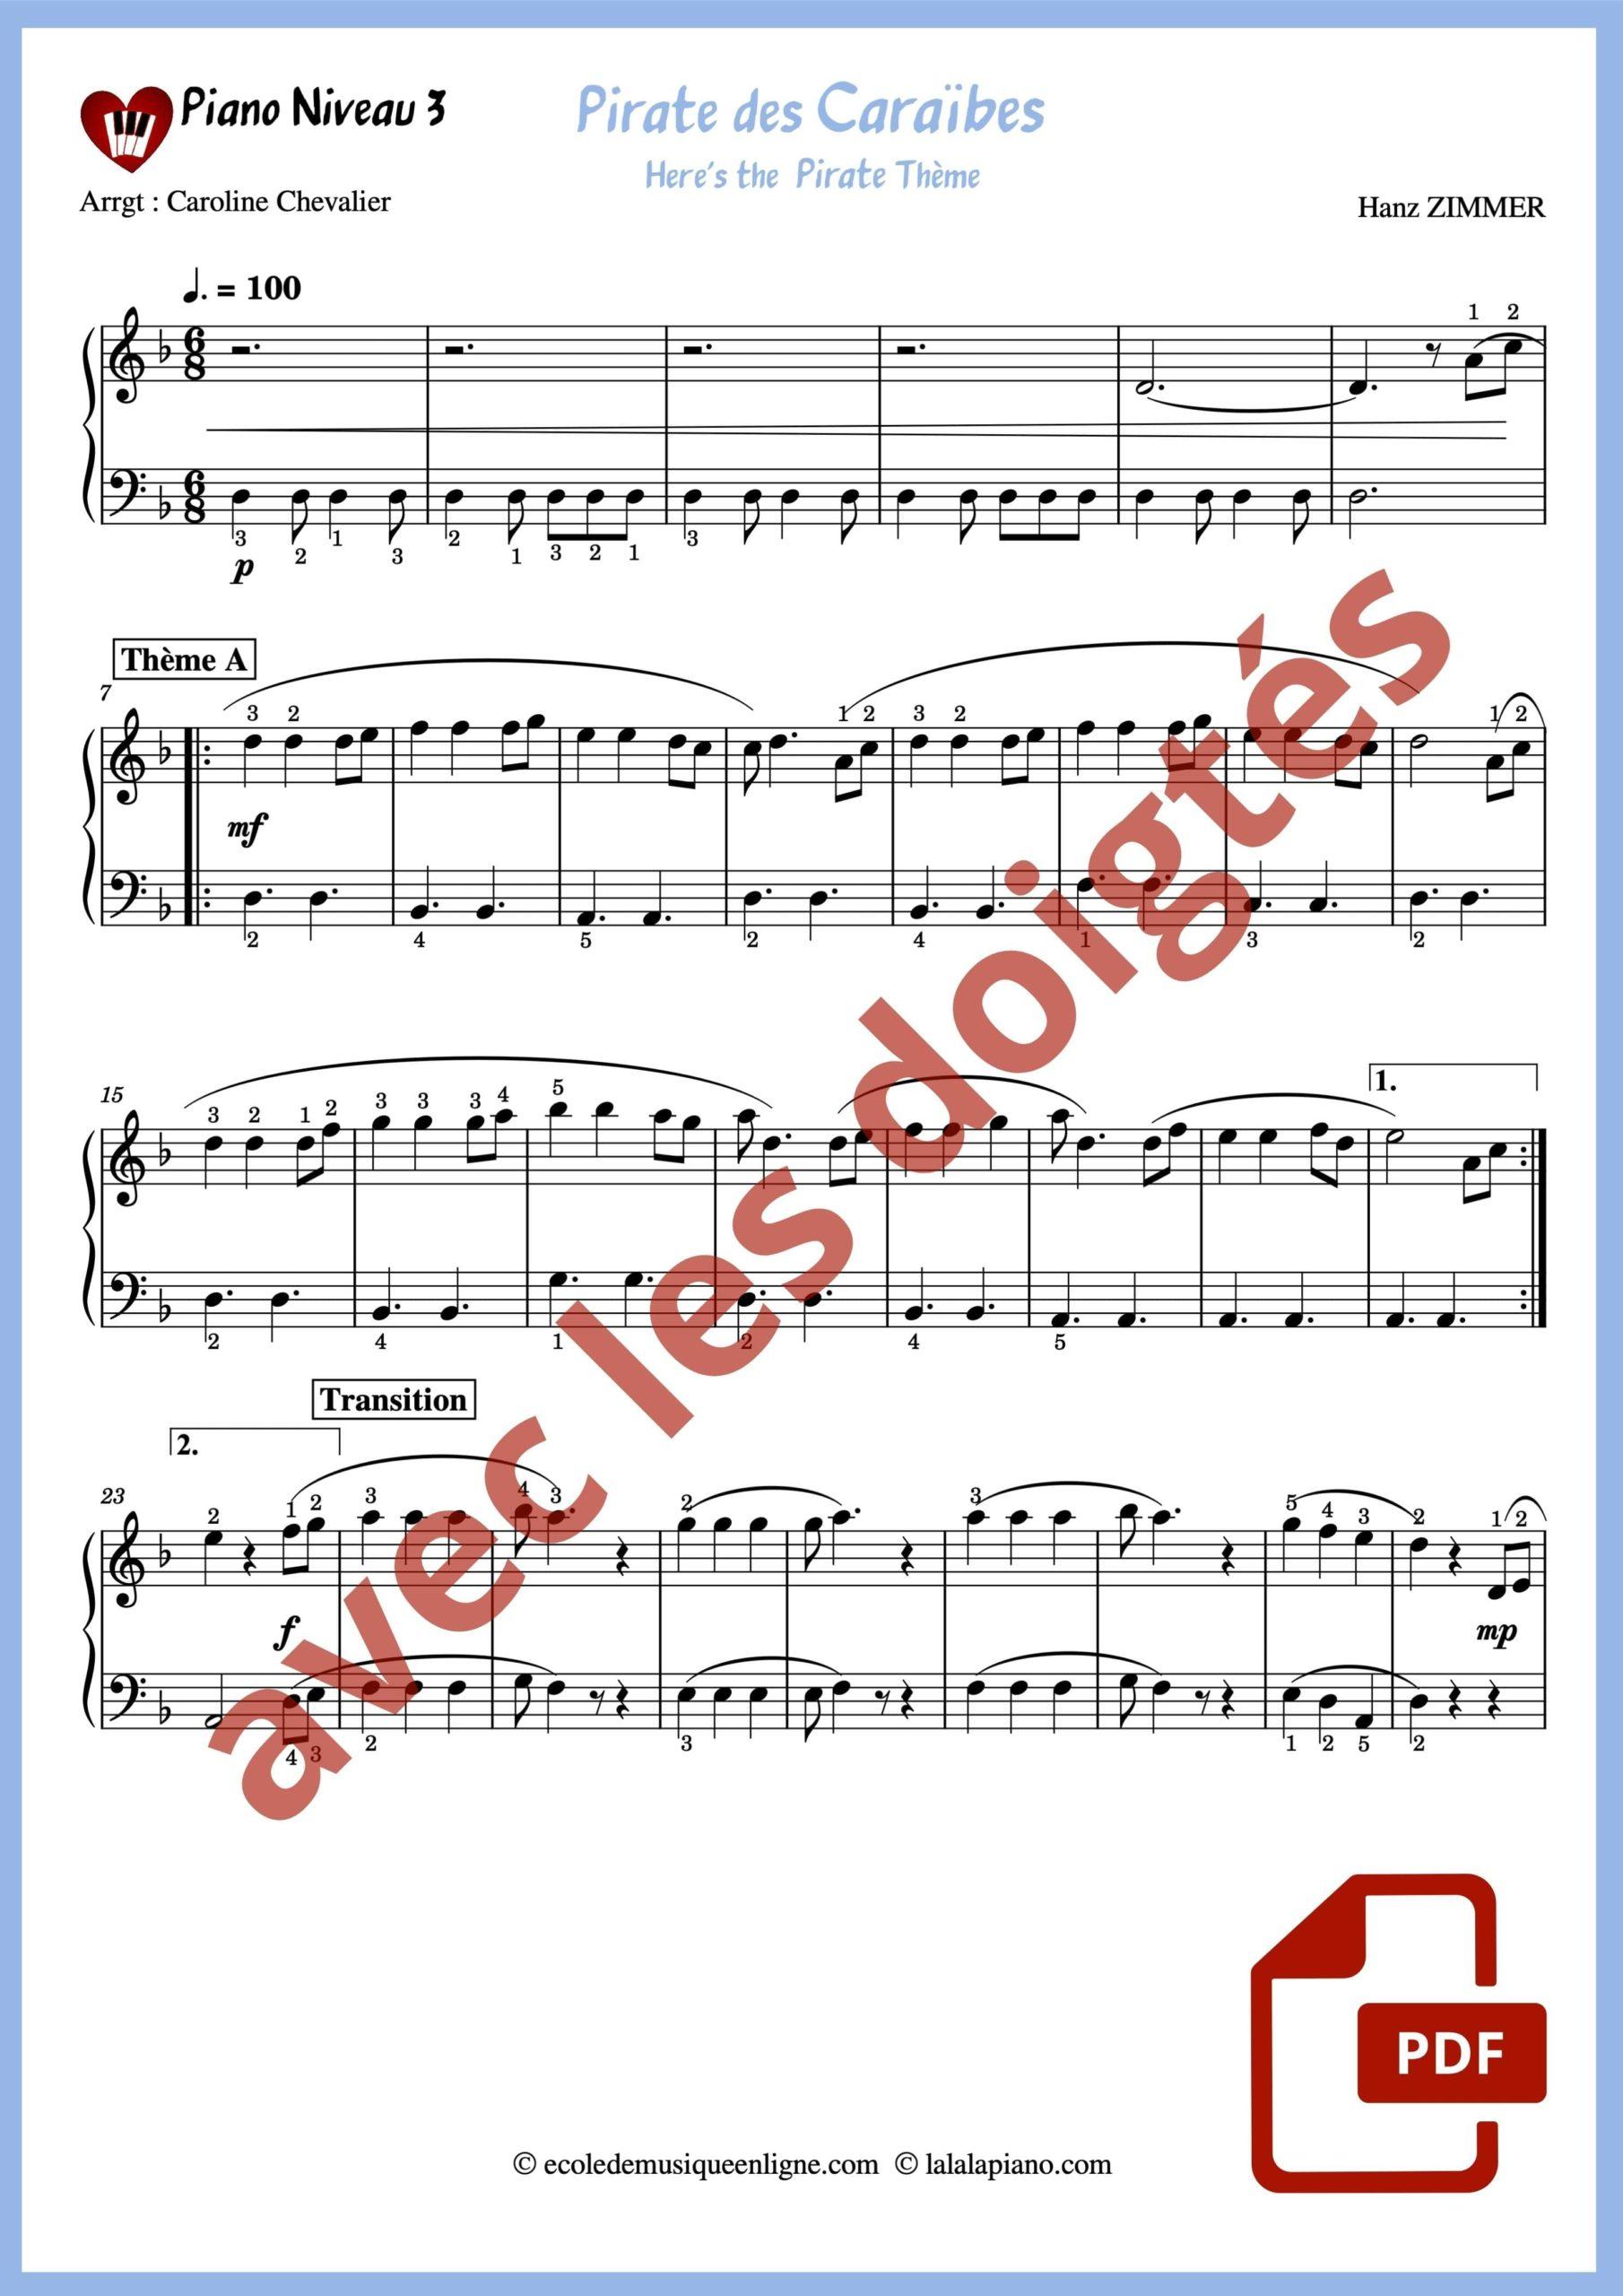 Partition Pirate des Caraibes piano avec doigtés niveau 3